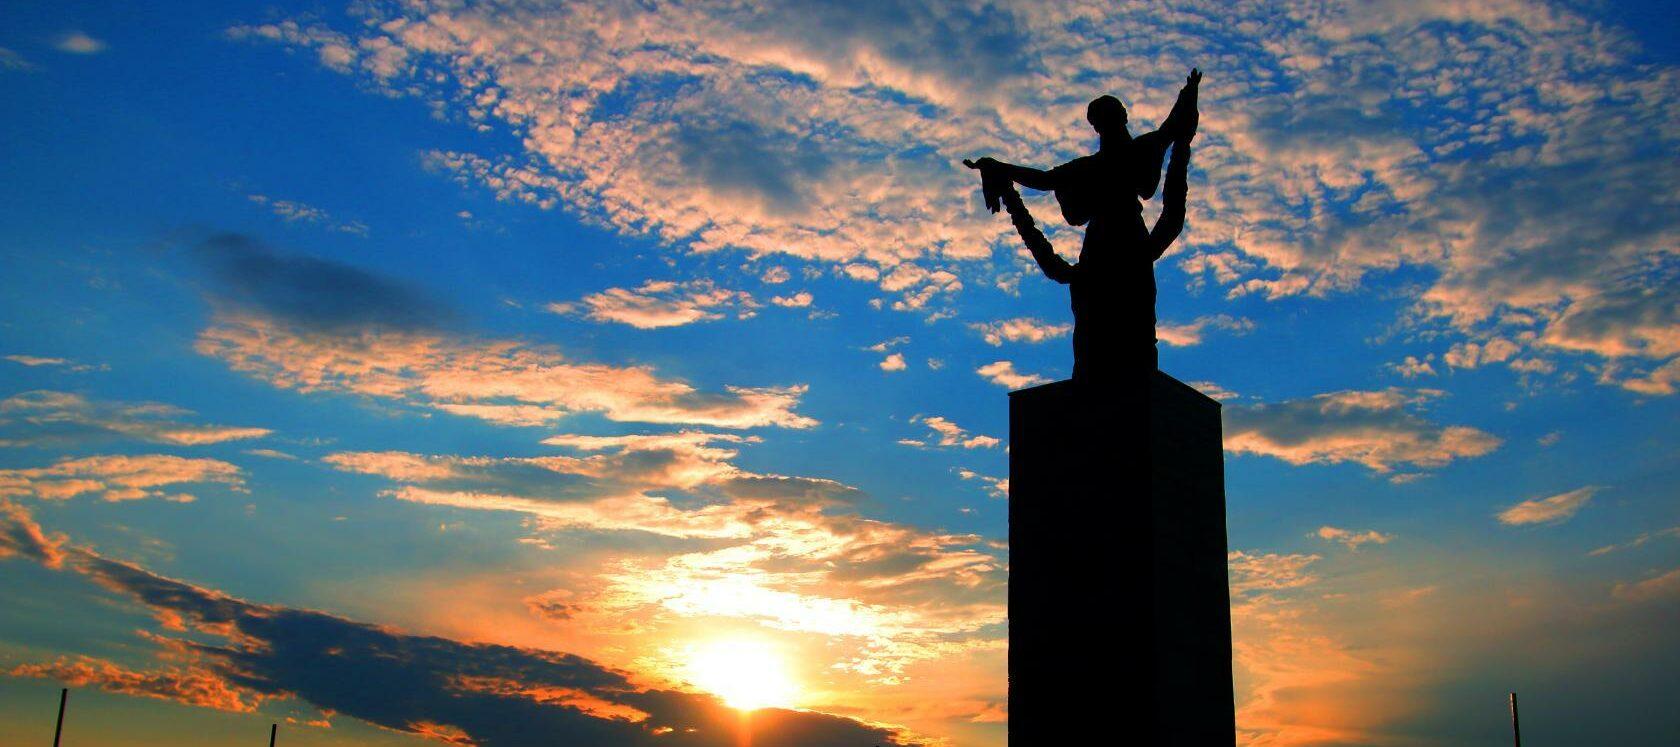 Оренбургская область, Кувандык, малые города, Холм Славы, Великая Отечественная война, Великая Победа